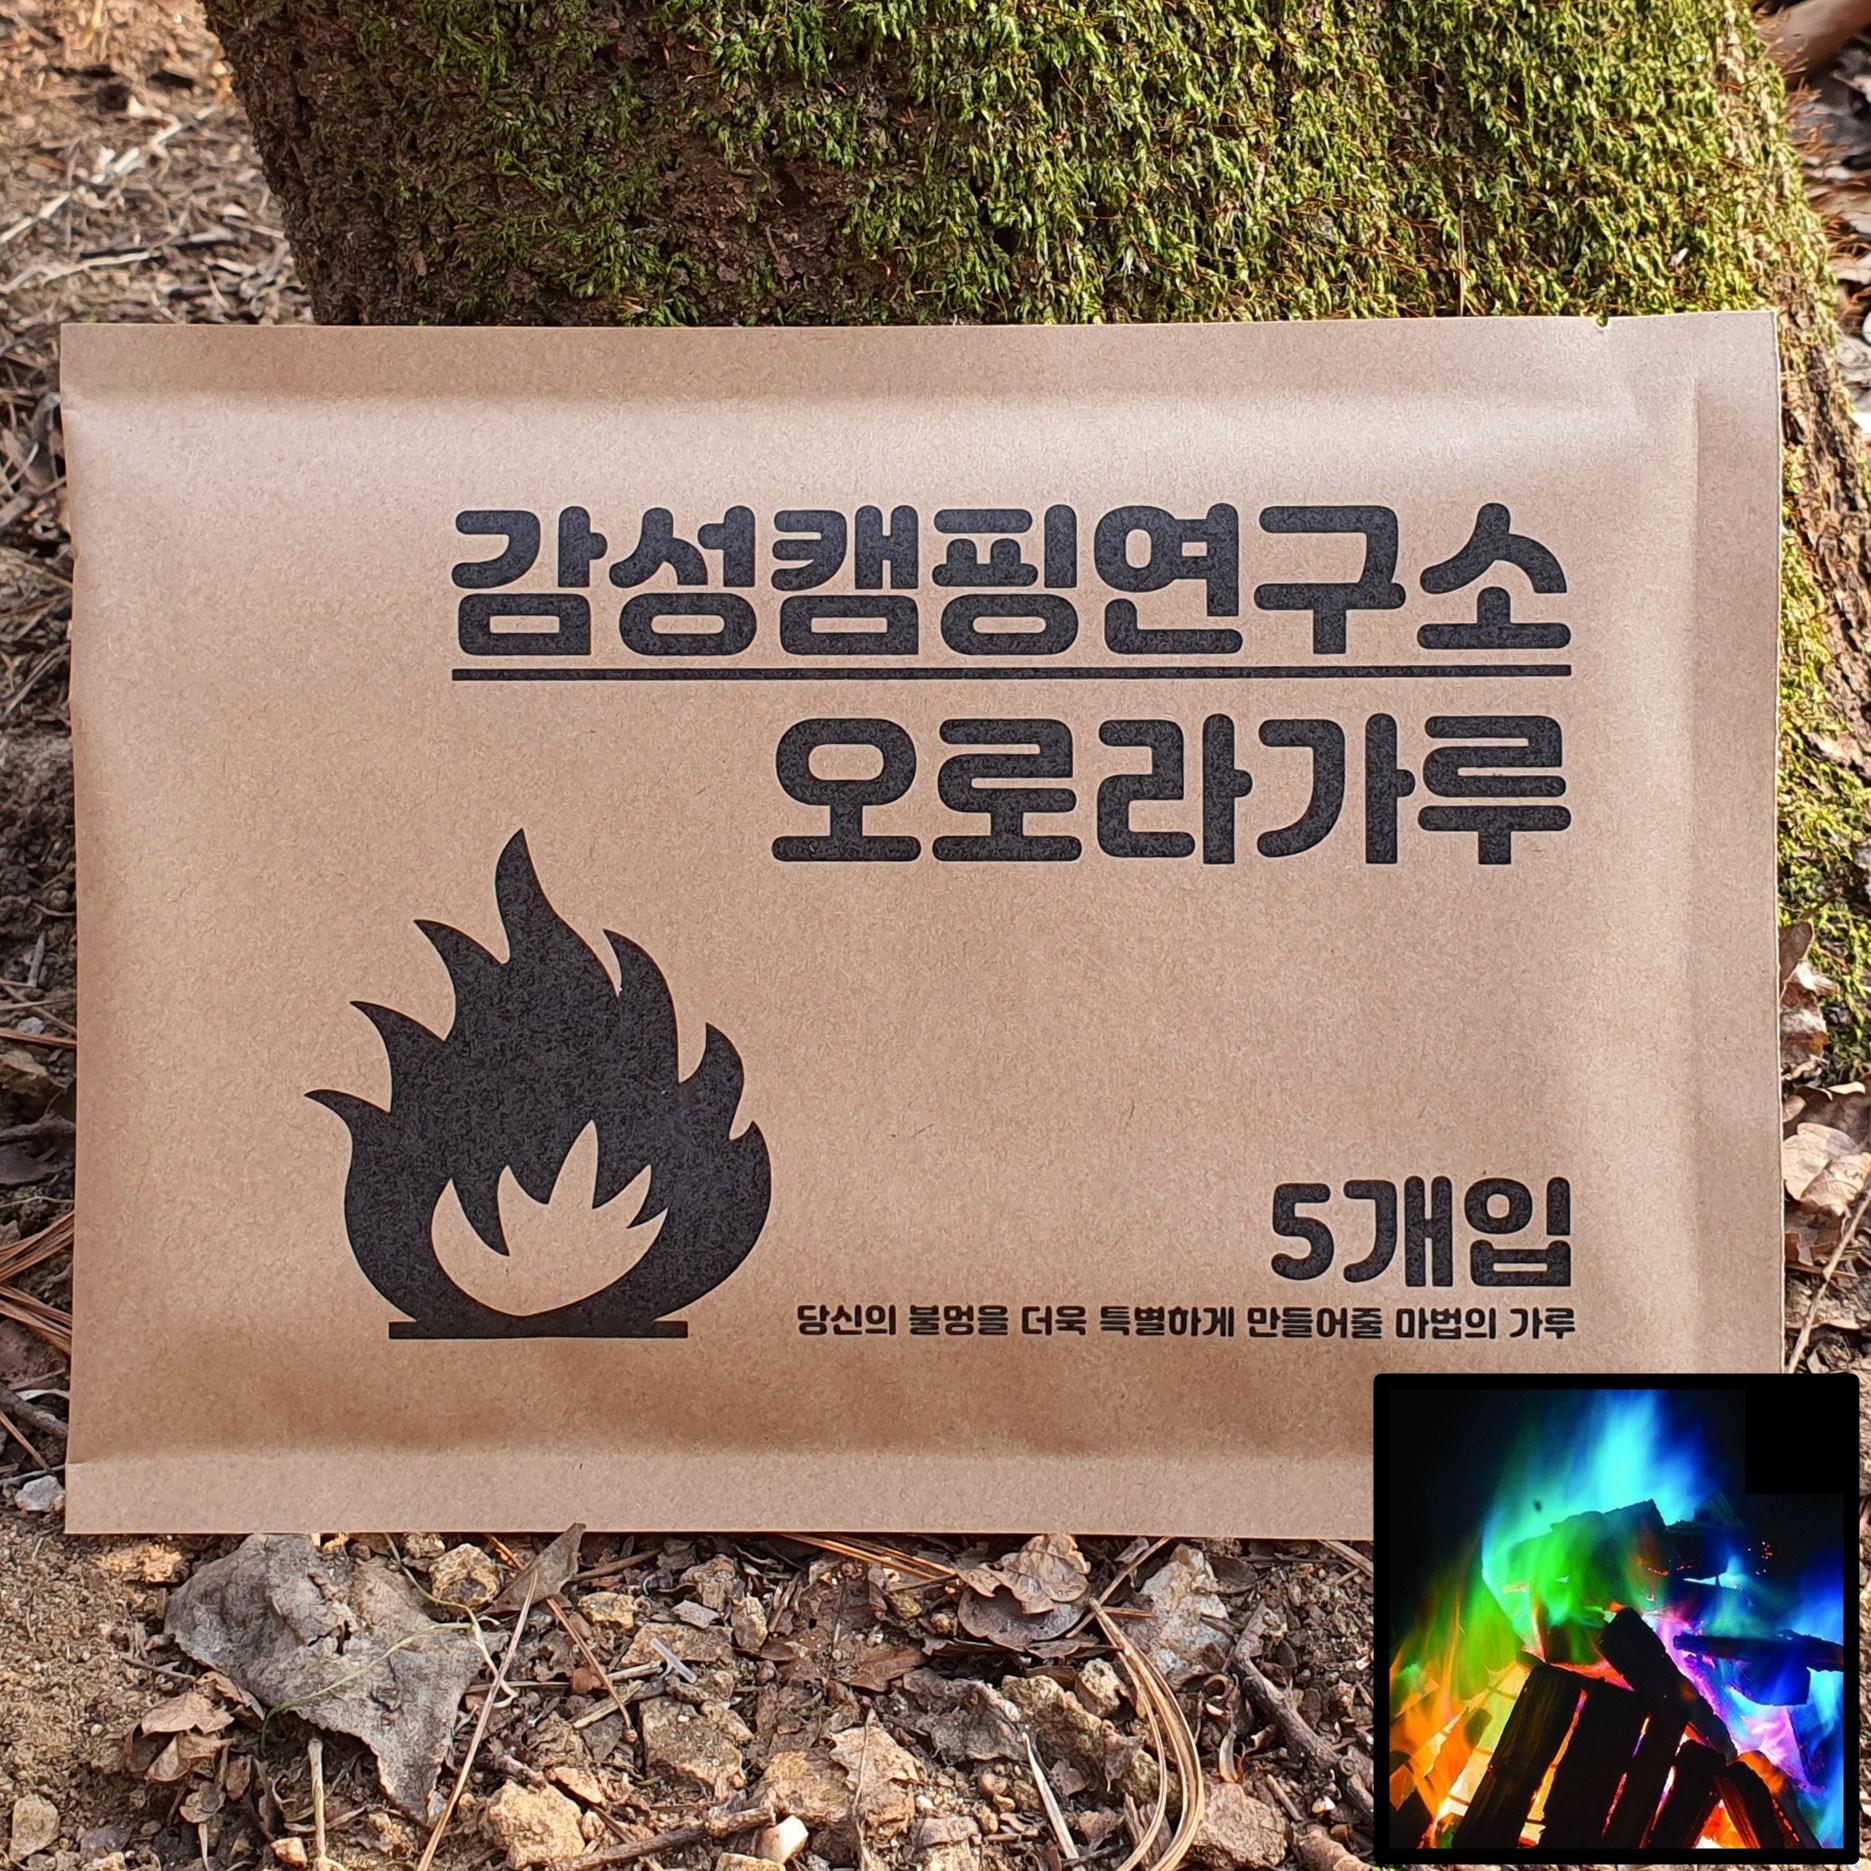 행복캠핑 오로라가루 캠프파이어 매직파이어 모닥불 도깨비불 감성 갬성 불멍, 5개, 25g